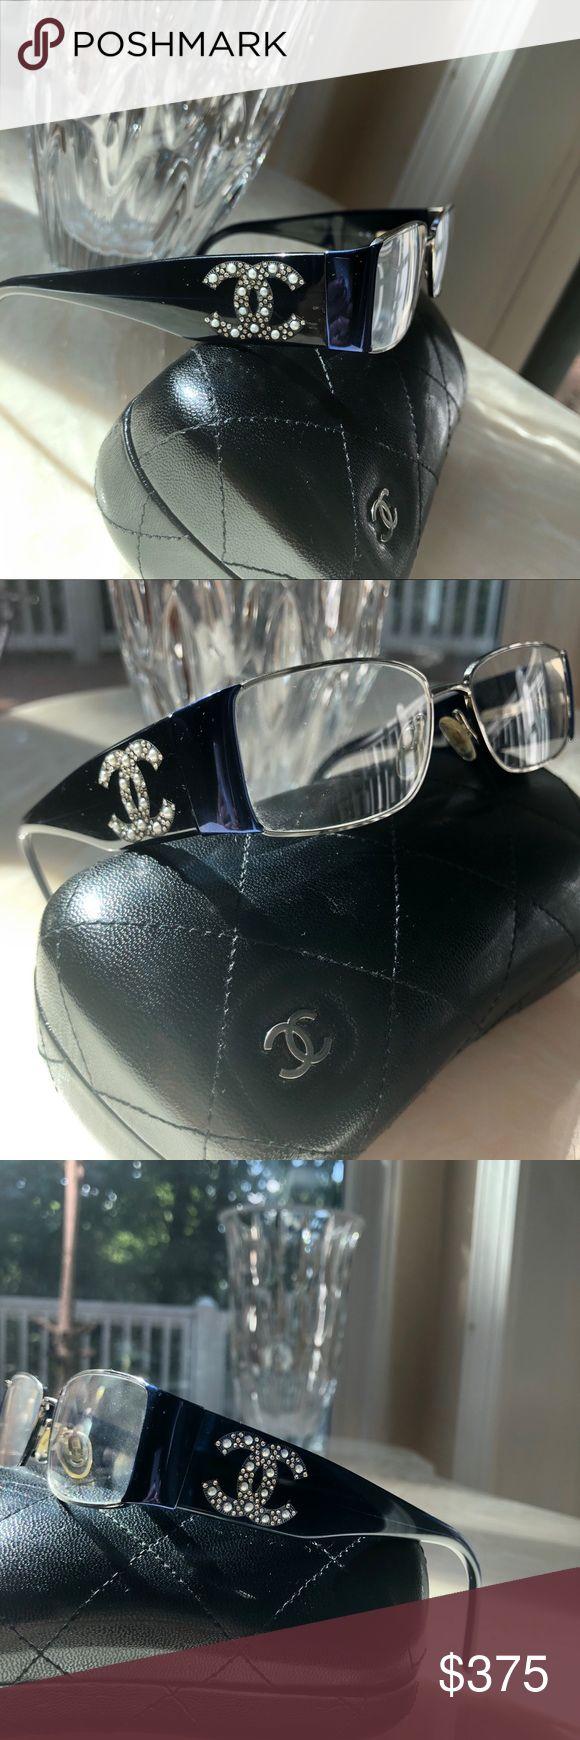 Navy CHANEL Glasses w/ Pearls & Swarovski Crystals Navy Blue Chanel Eyeglasses w… – My Posh Closet